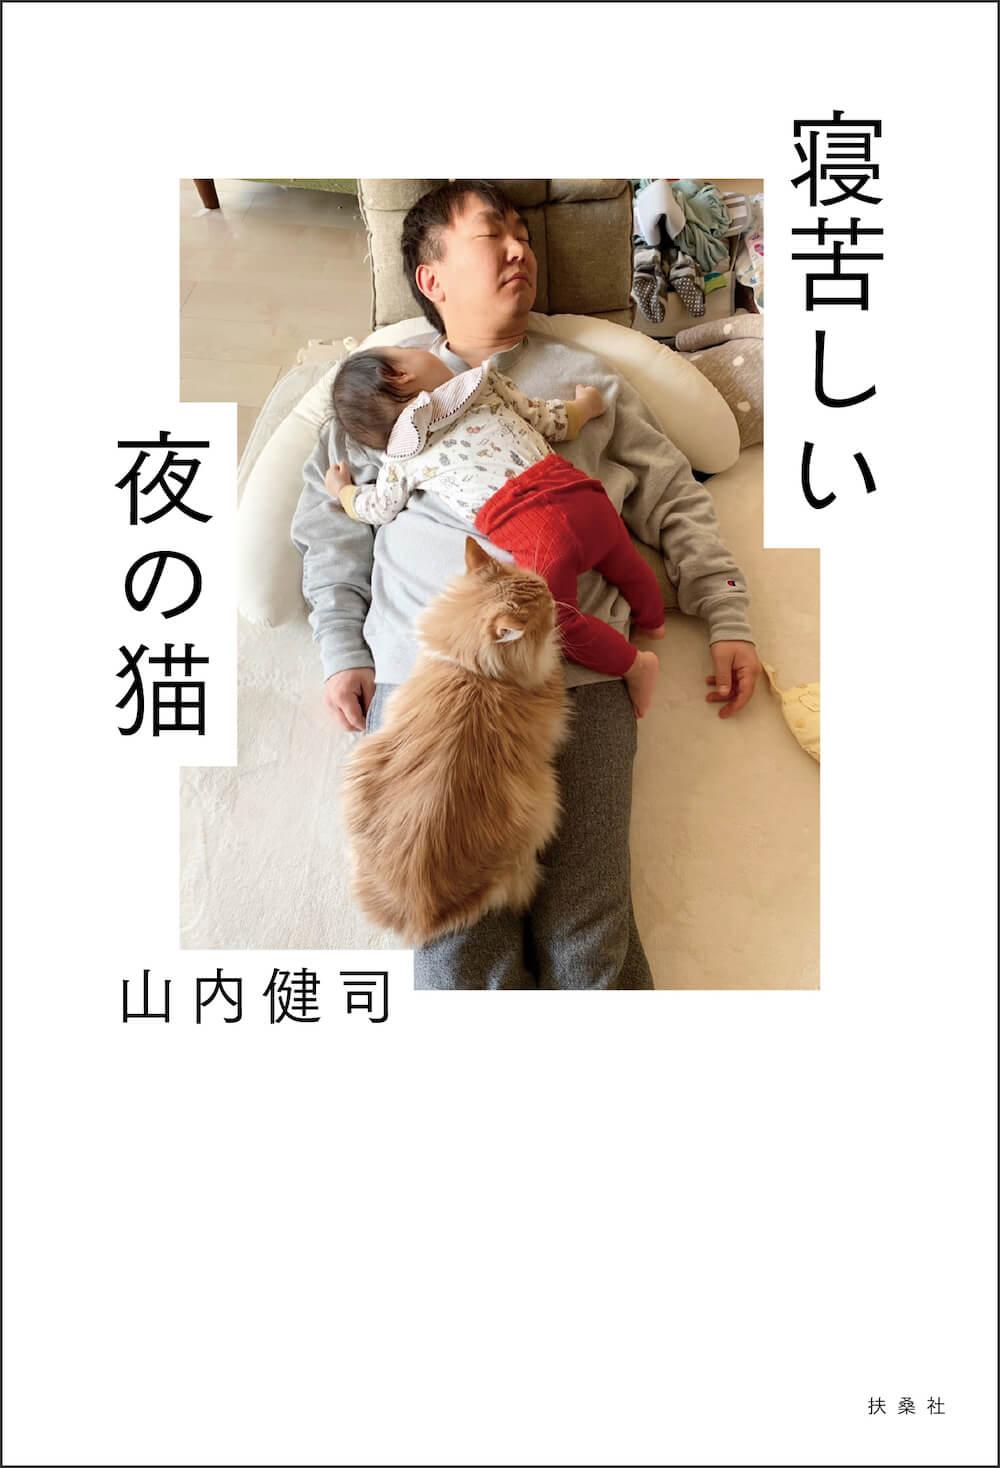 お笑い芸人・かまいたち山内健司の初著作『寝苦しい夜の猫』表紙イメージ